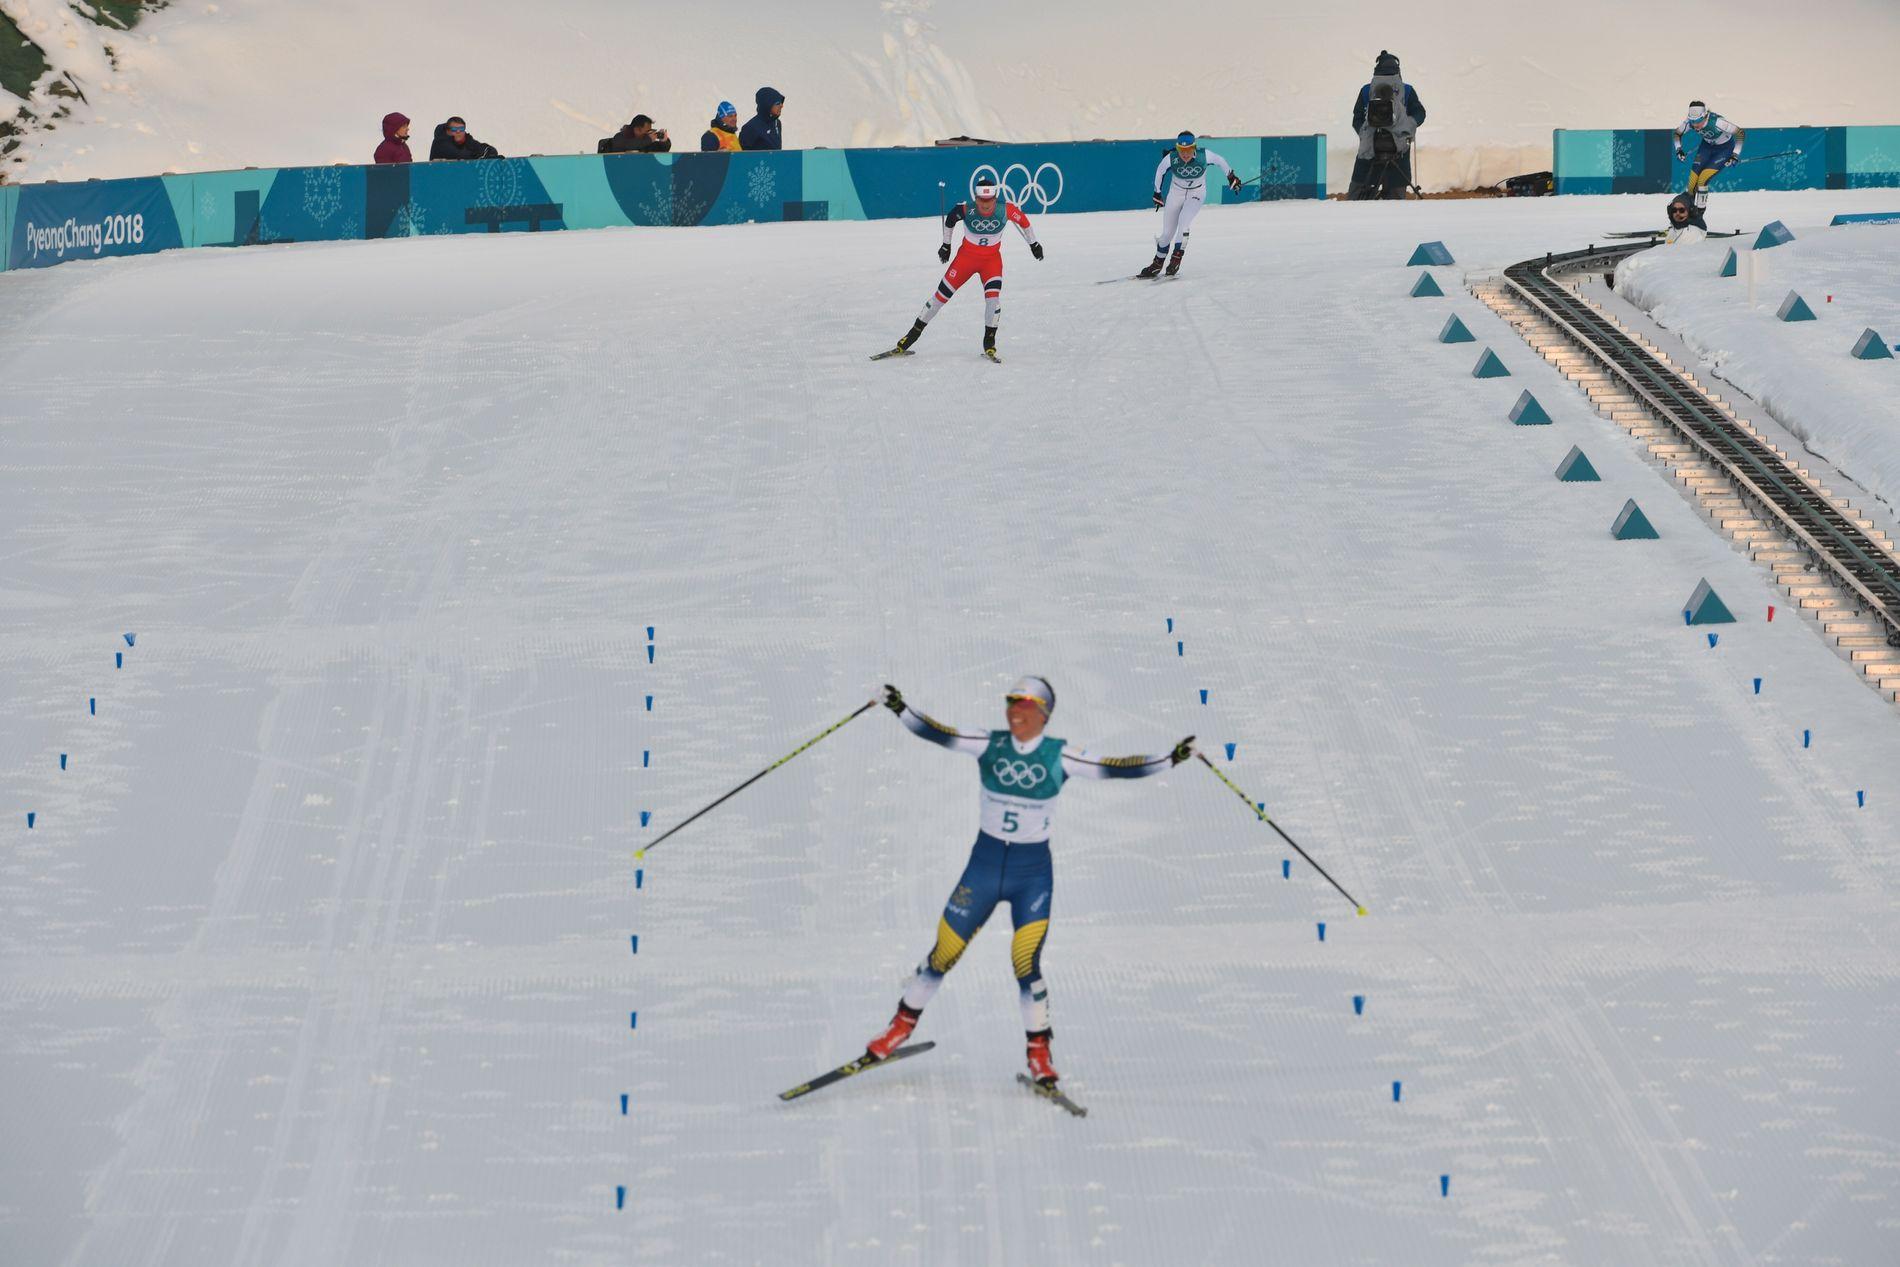 ROLLEBYTTE: I Sotsji-OL var det Bjørgen foran Kalla. Her ender det omvendt.